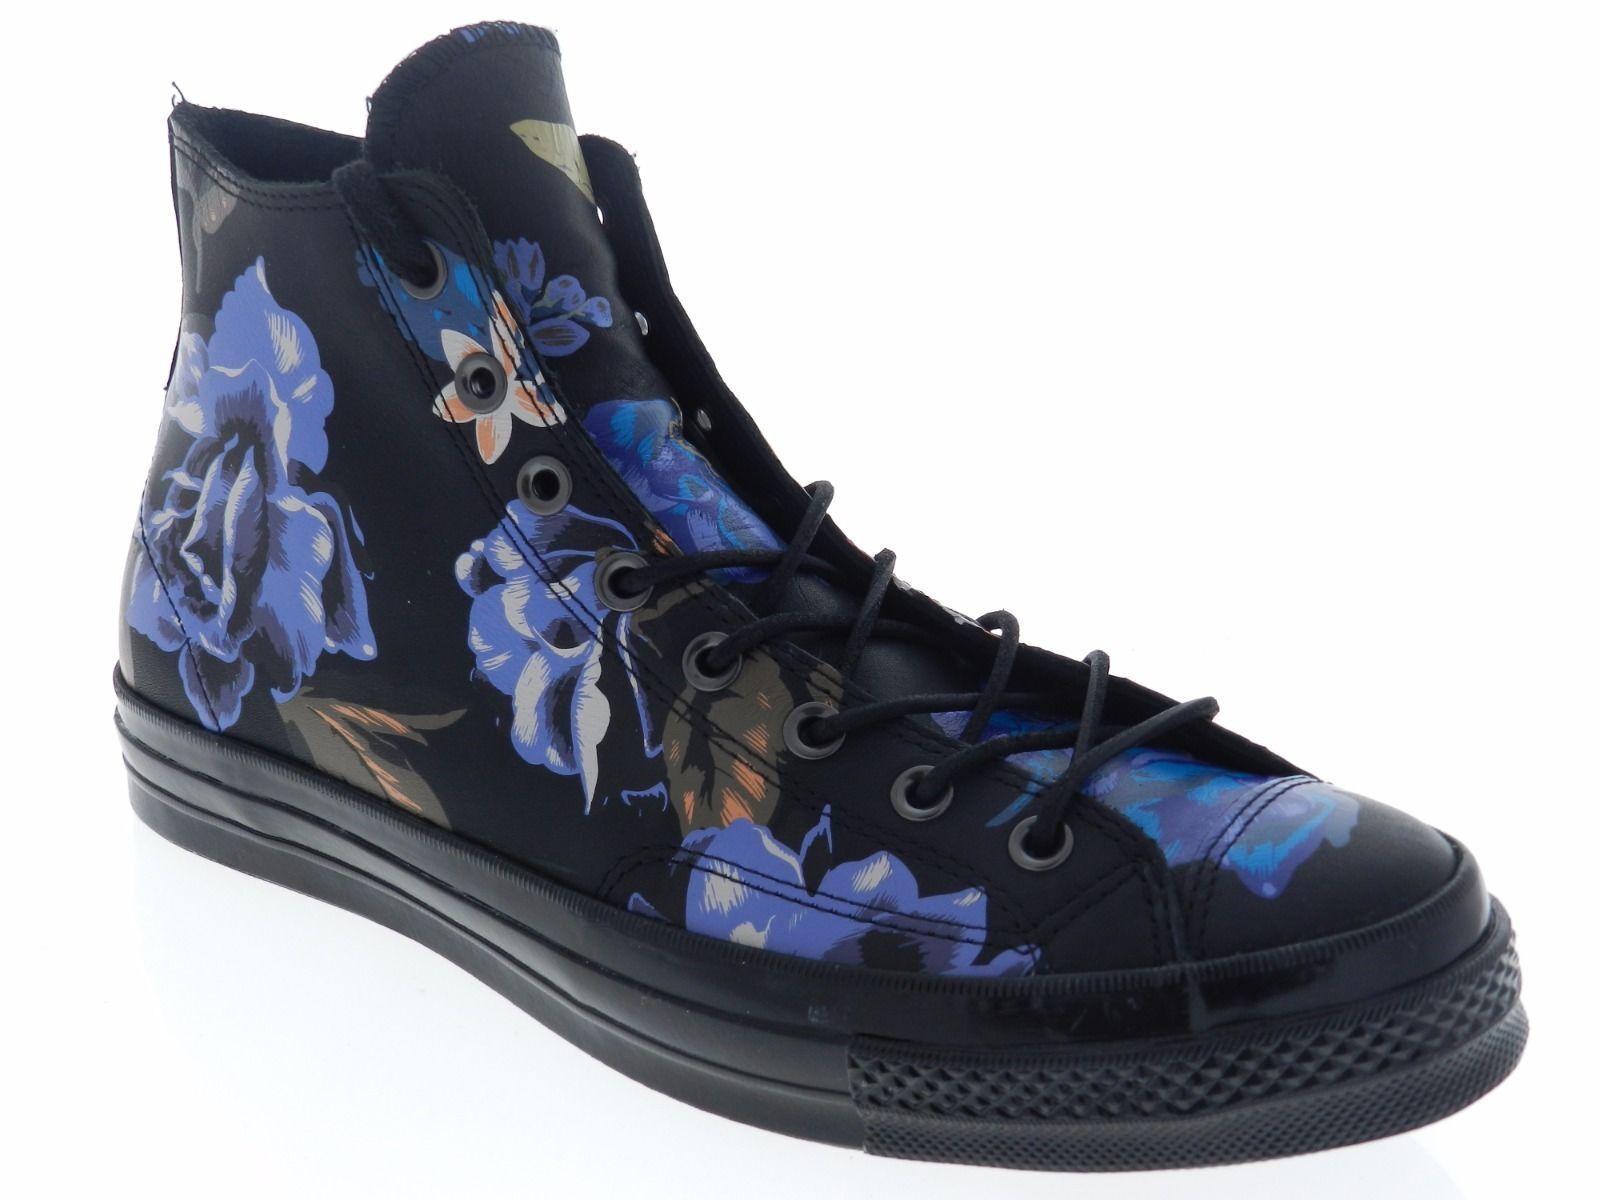 Converse chuck taylor 1970 - uomini dimensioni 9.5 9.5 dimensioni nero scarpe scarpe 148575c floreale 8003c0